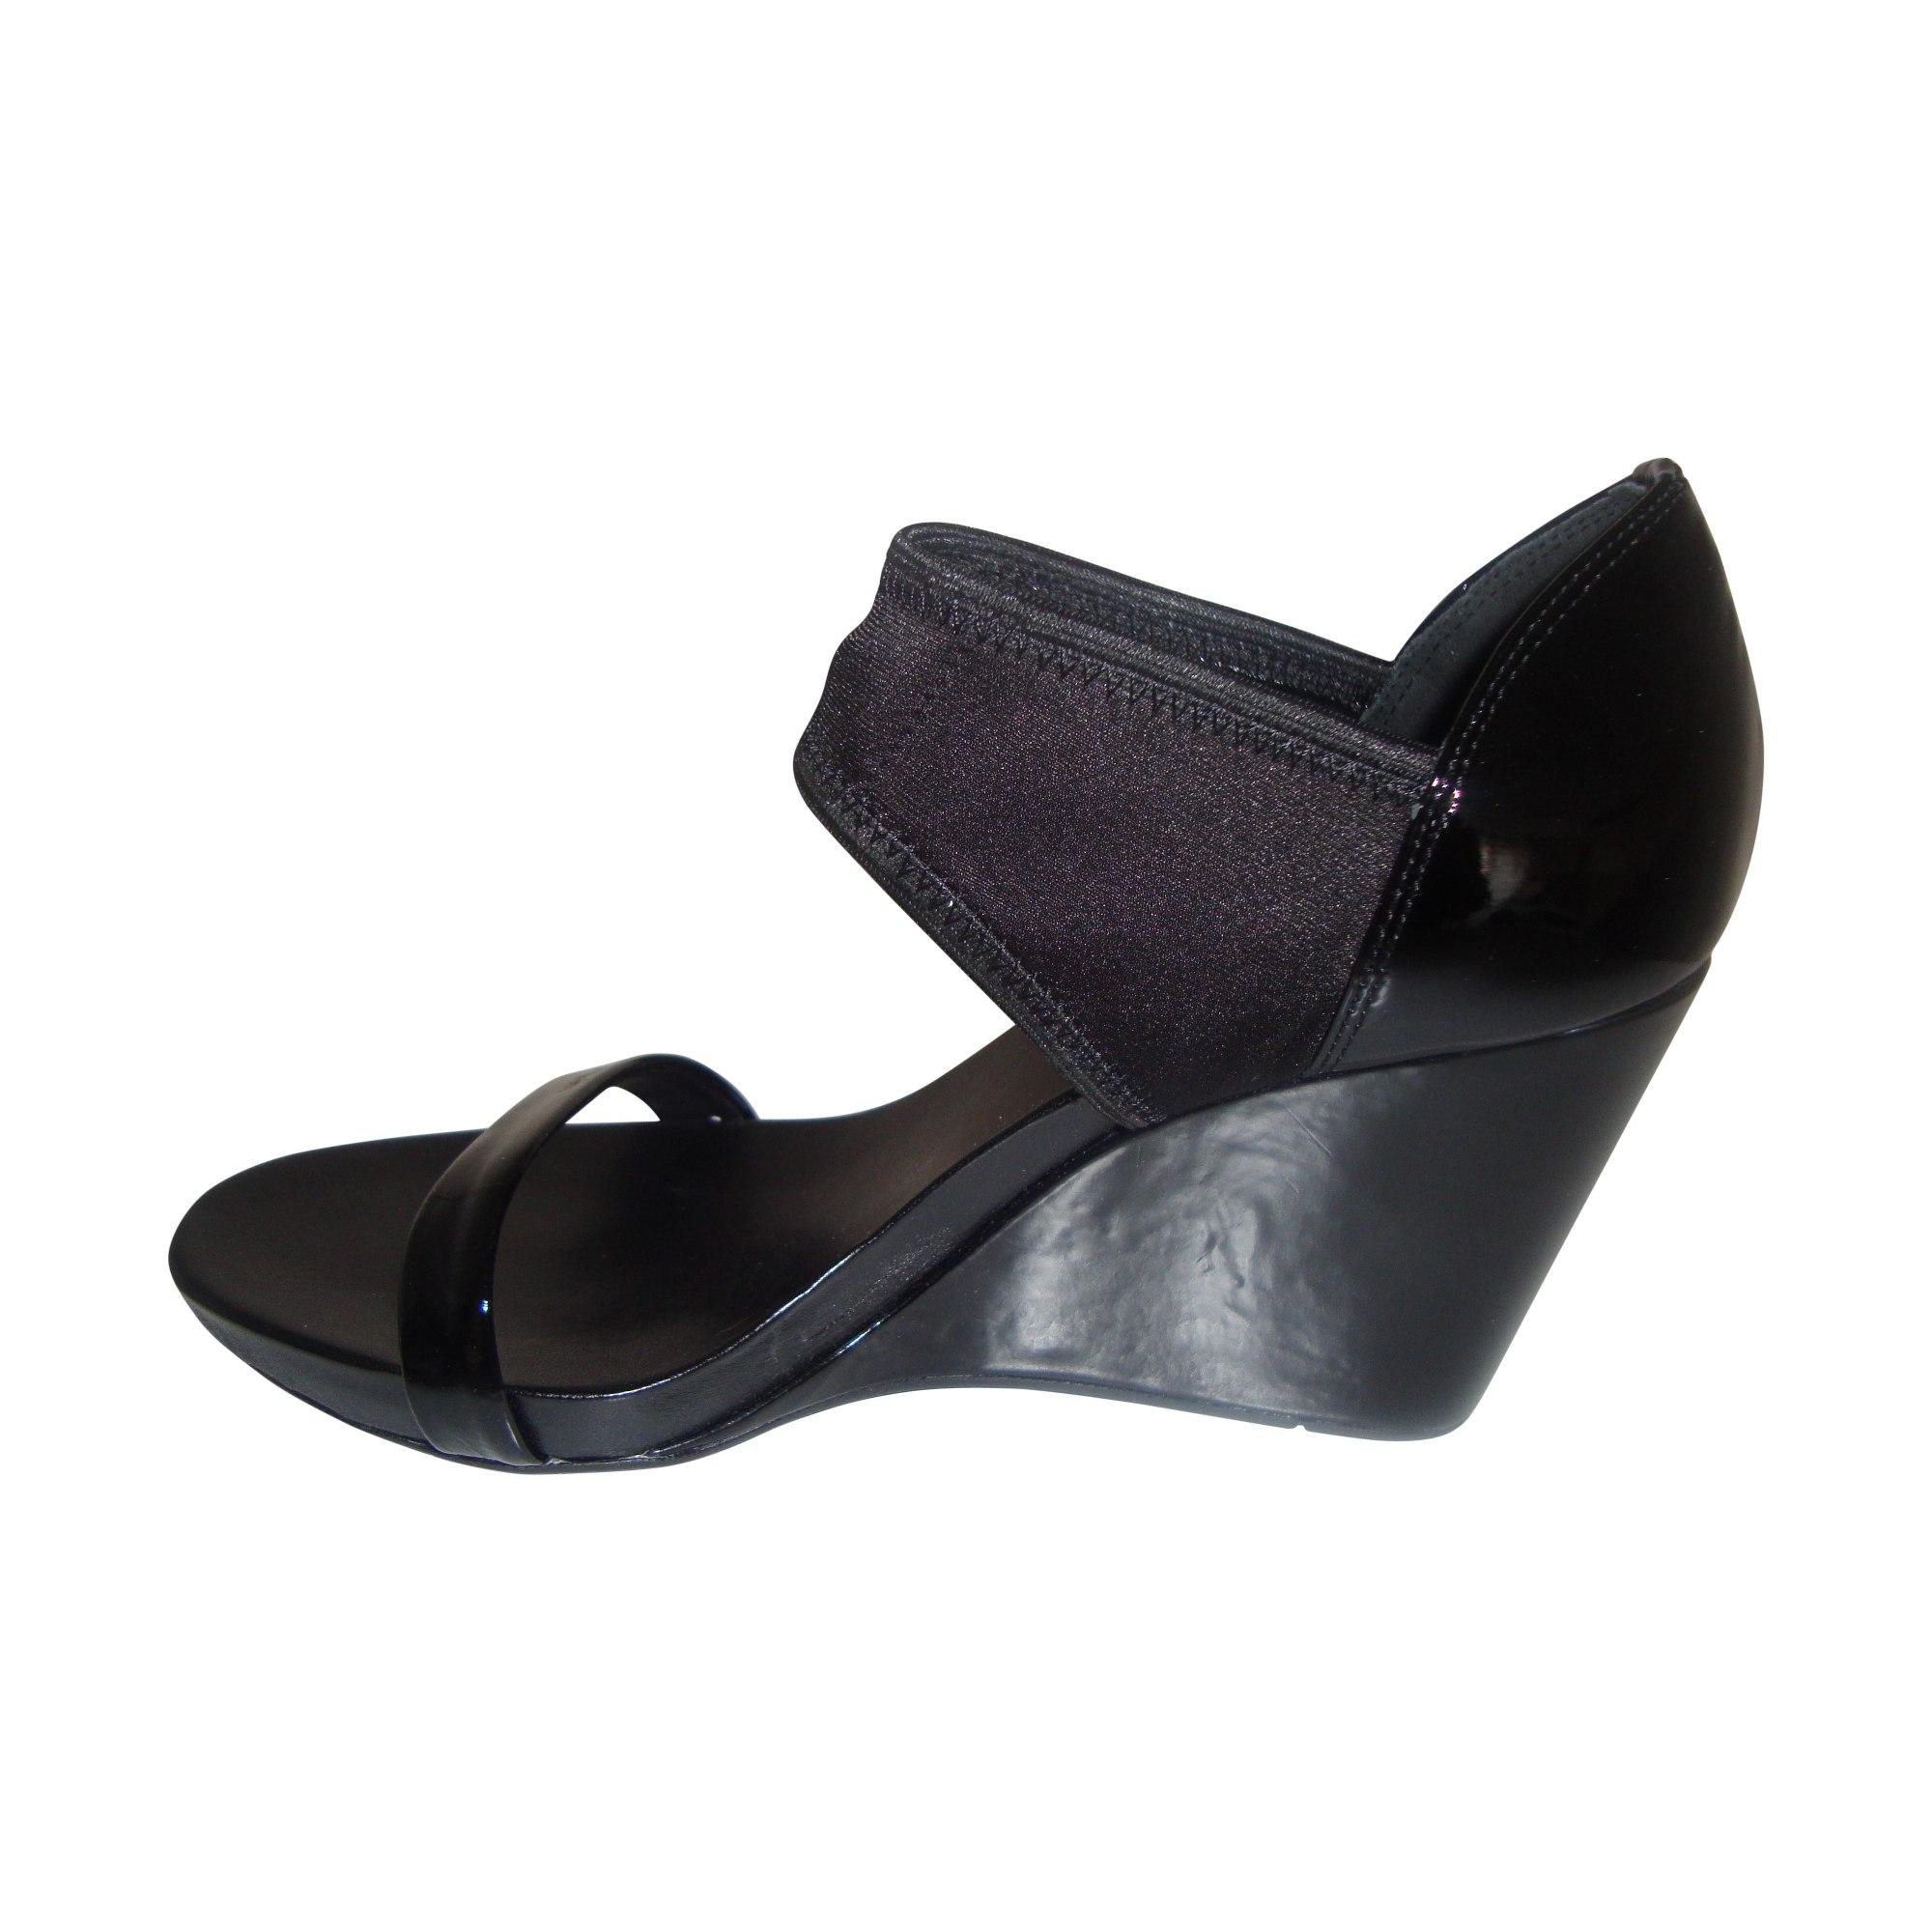 3061105 noir Sandales CALVIN compensées KLEIN 37 Aj54L3Rq